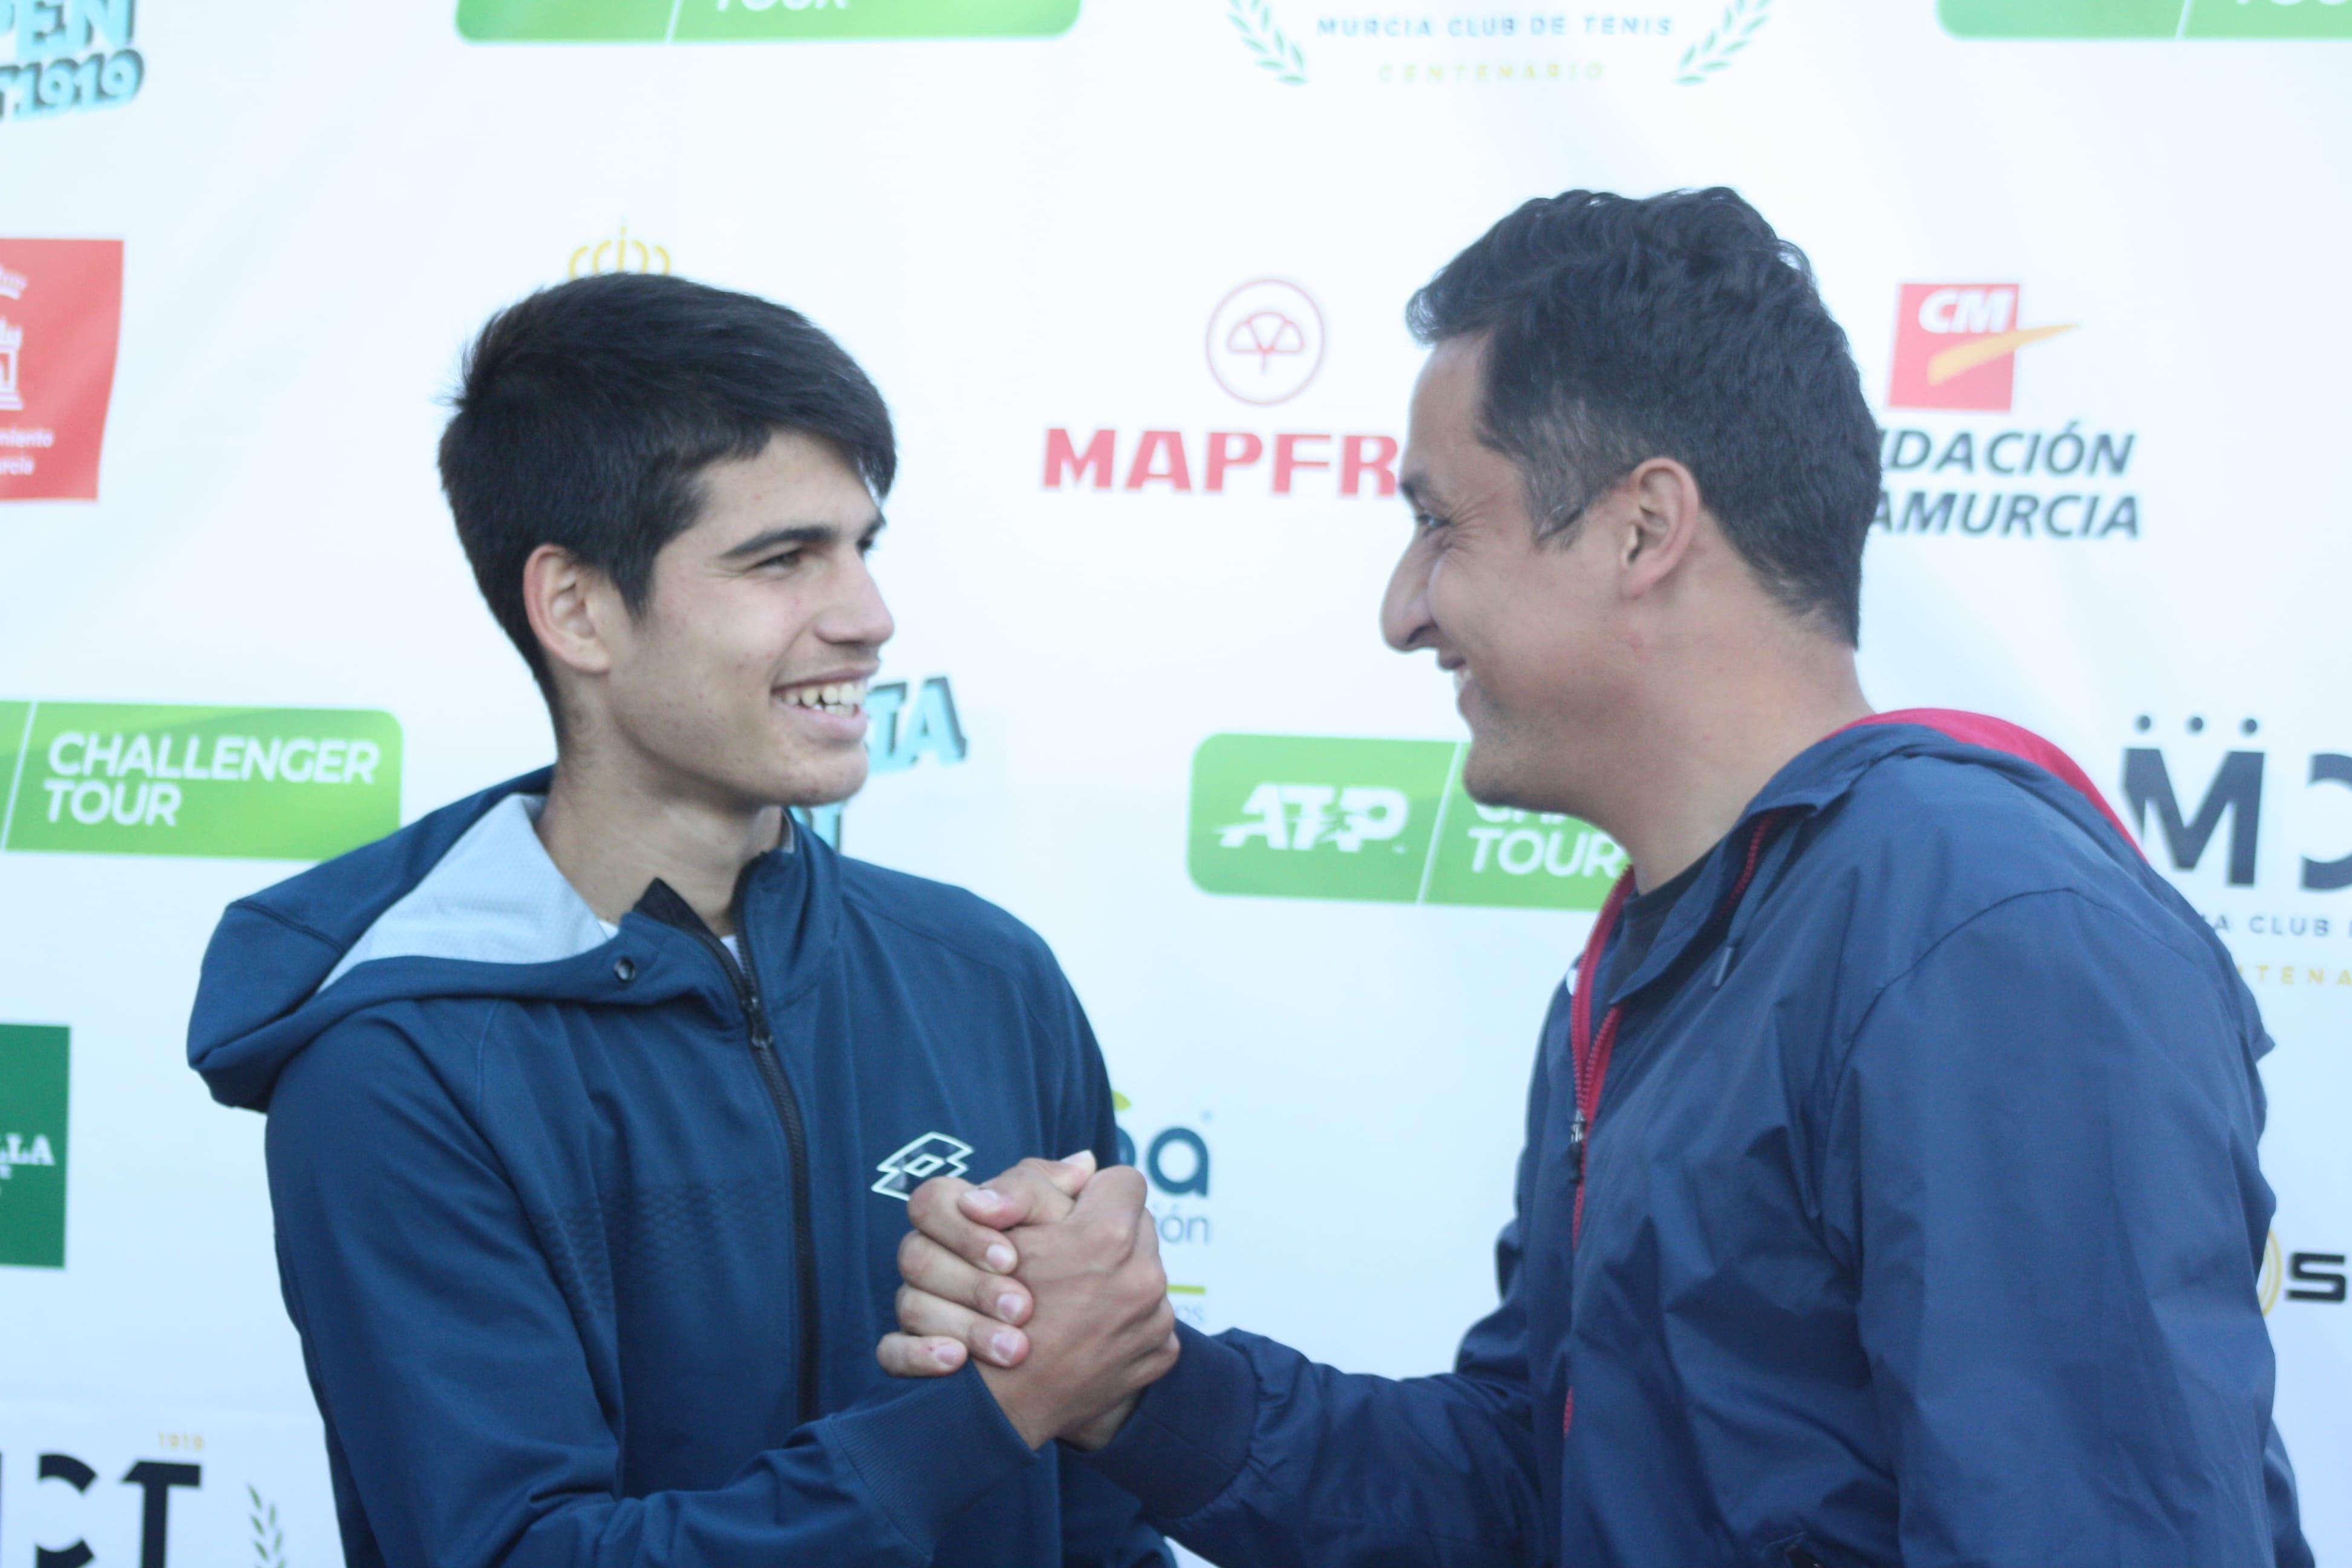 Carlos Alcaraz y Nico Almagro, pasado y futuro del tenis regional y español, coincidieron en el I Murcia Open ATP Challenger.